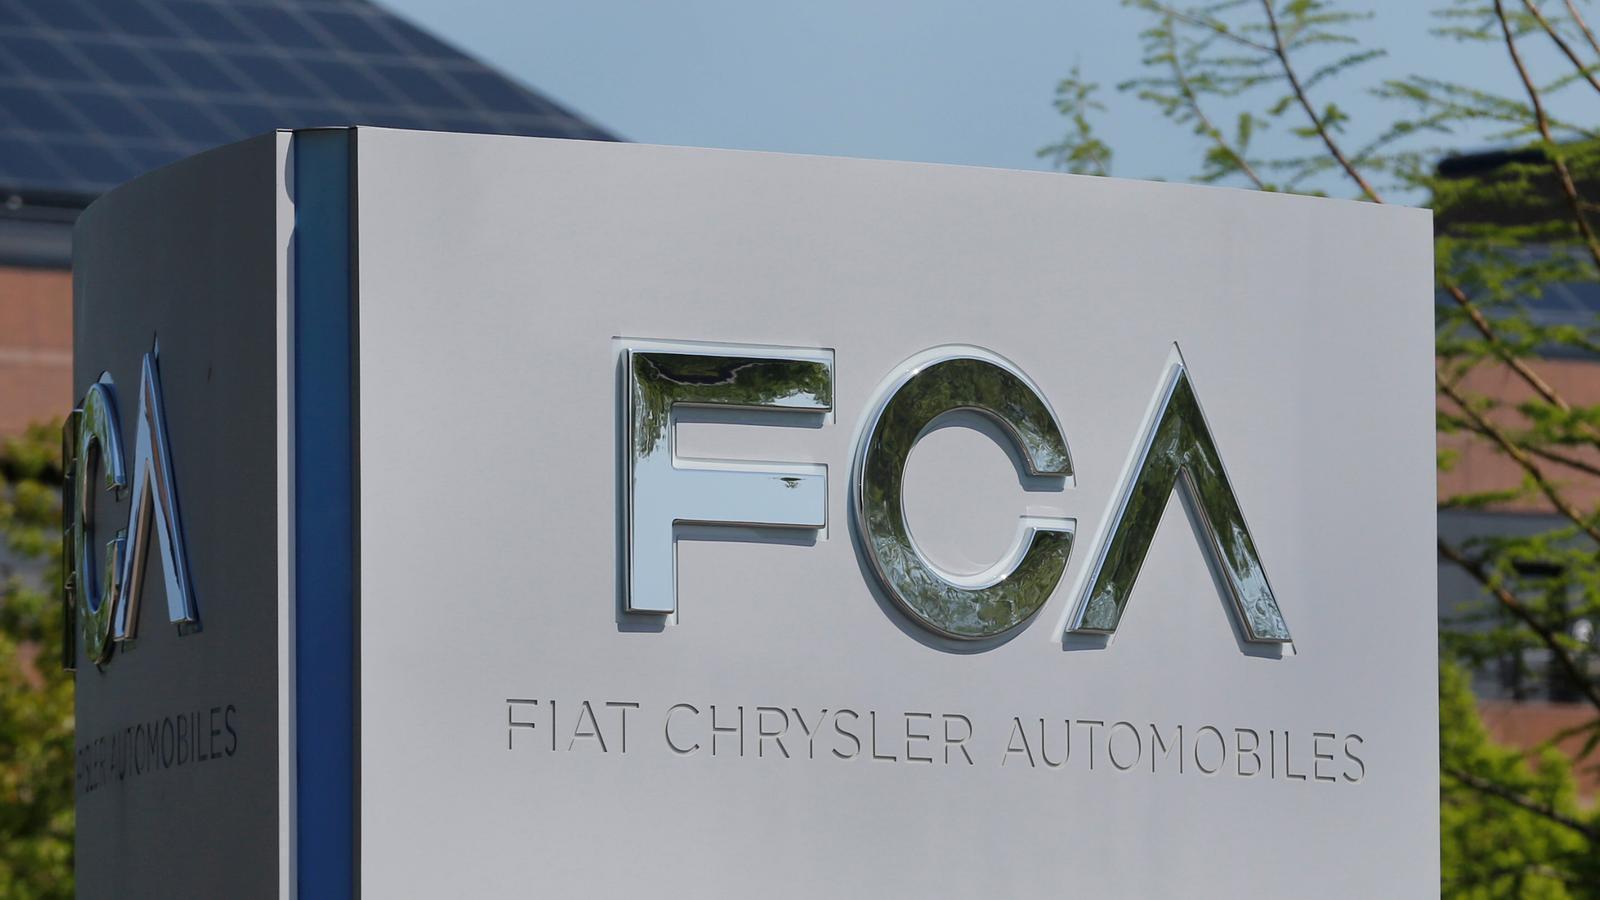 El grup Fiat Chrysler es fa enrere en la seva proposta de fusió amb Renault